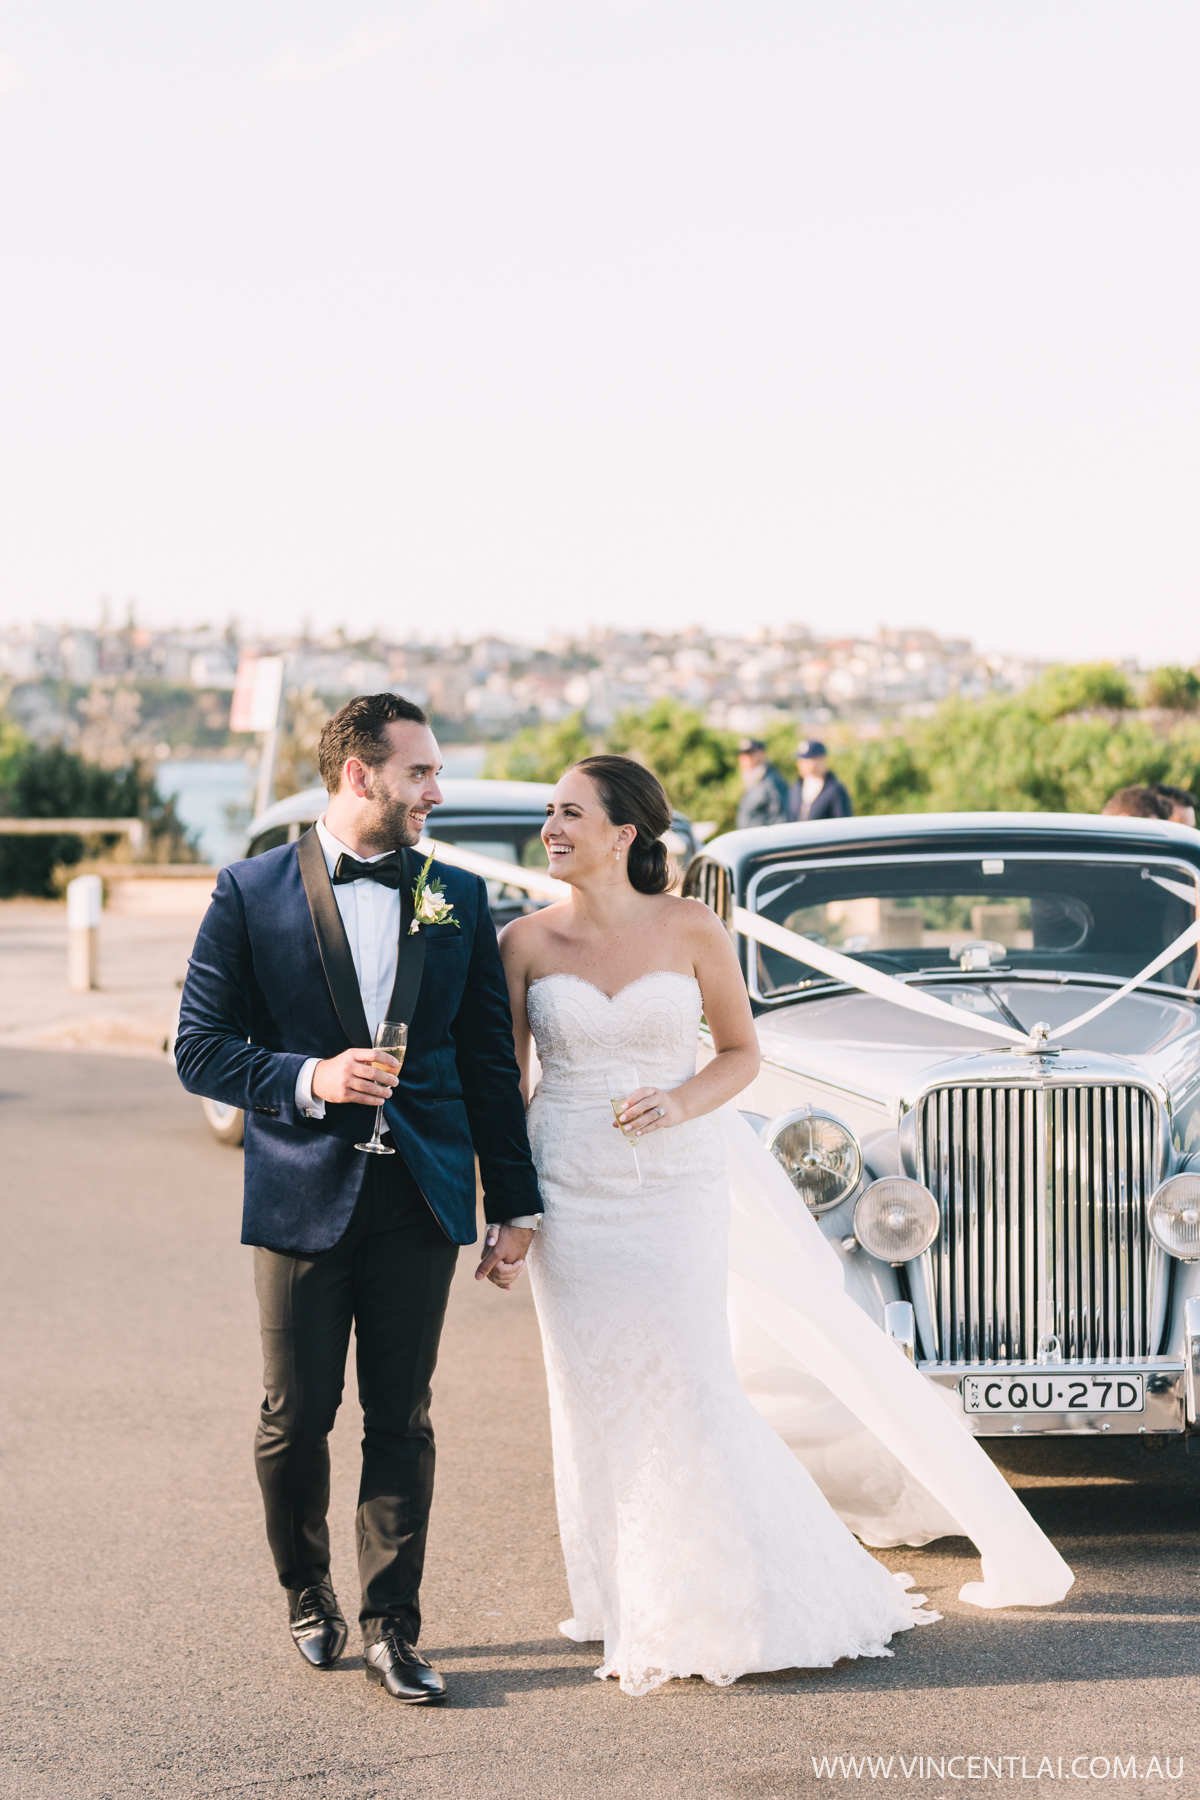 Wedding at Wylie's Baths